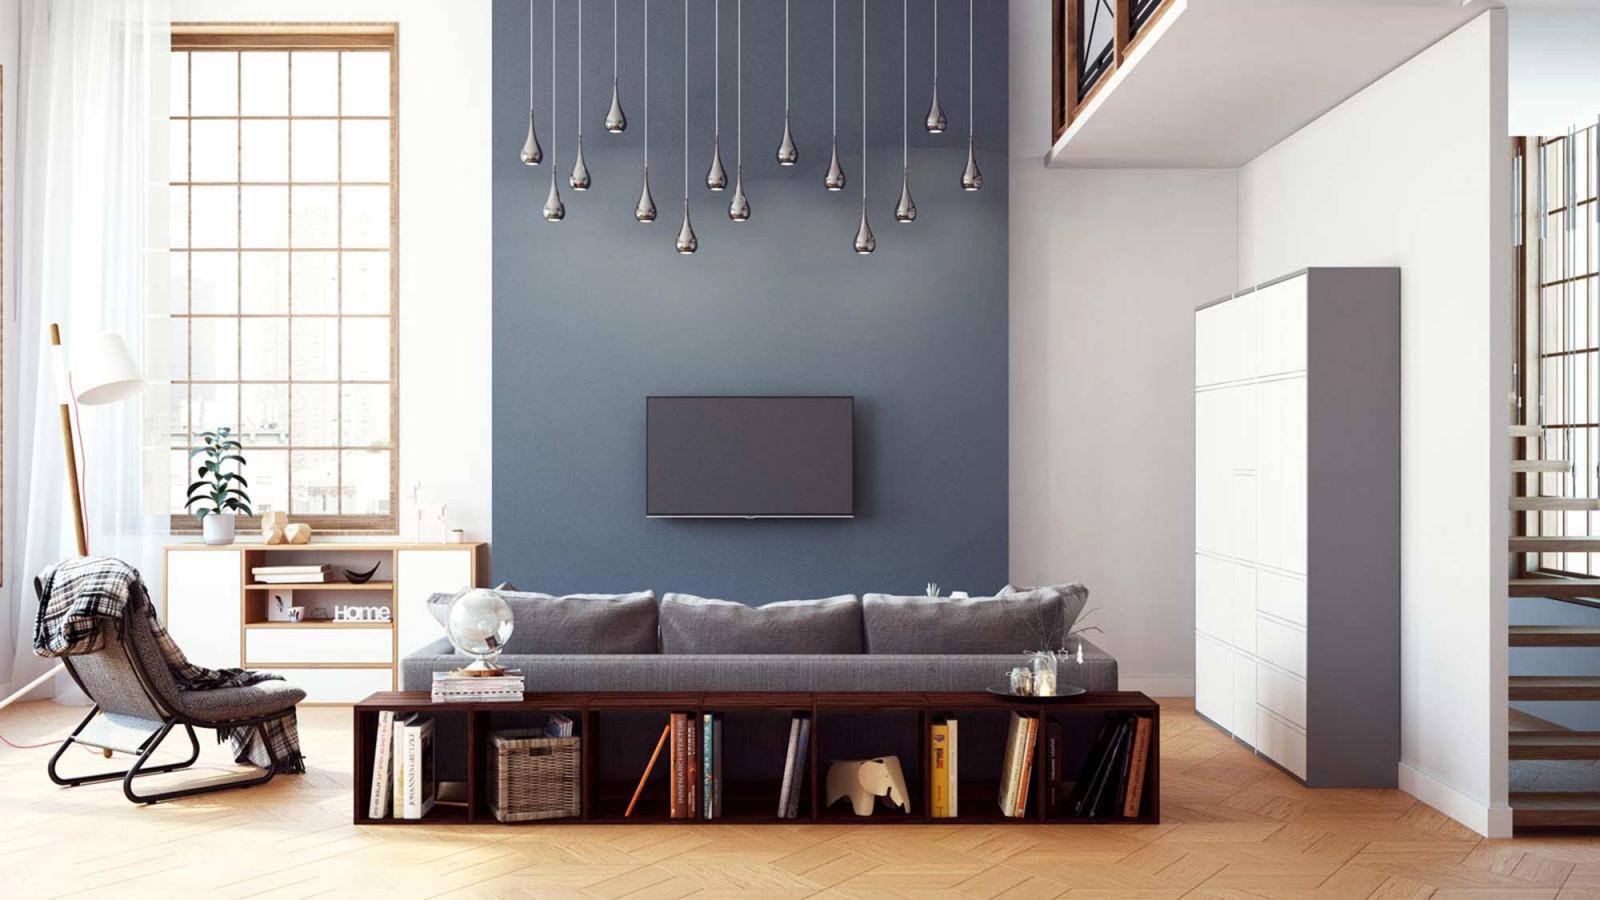 Wohnzimmer Einrichten – So Geht's  Mycs Magazyne von Wohnzimmer Groß Einrichten Bild